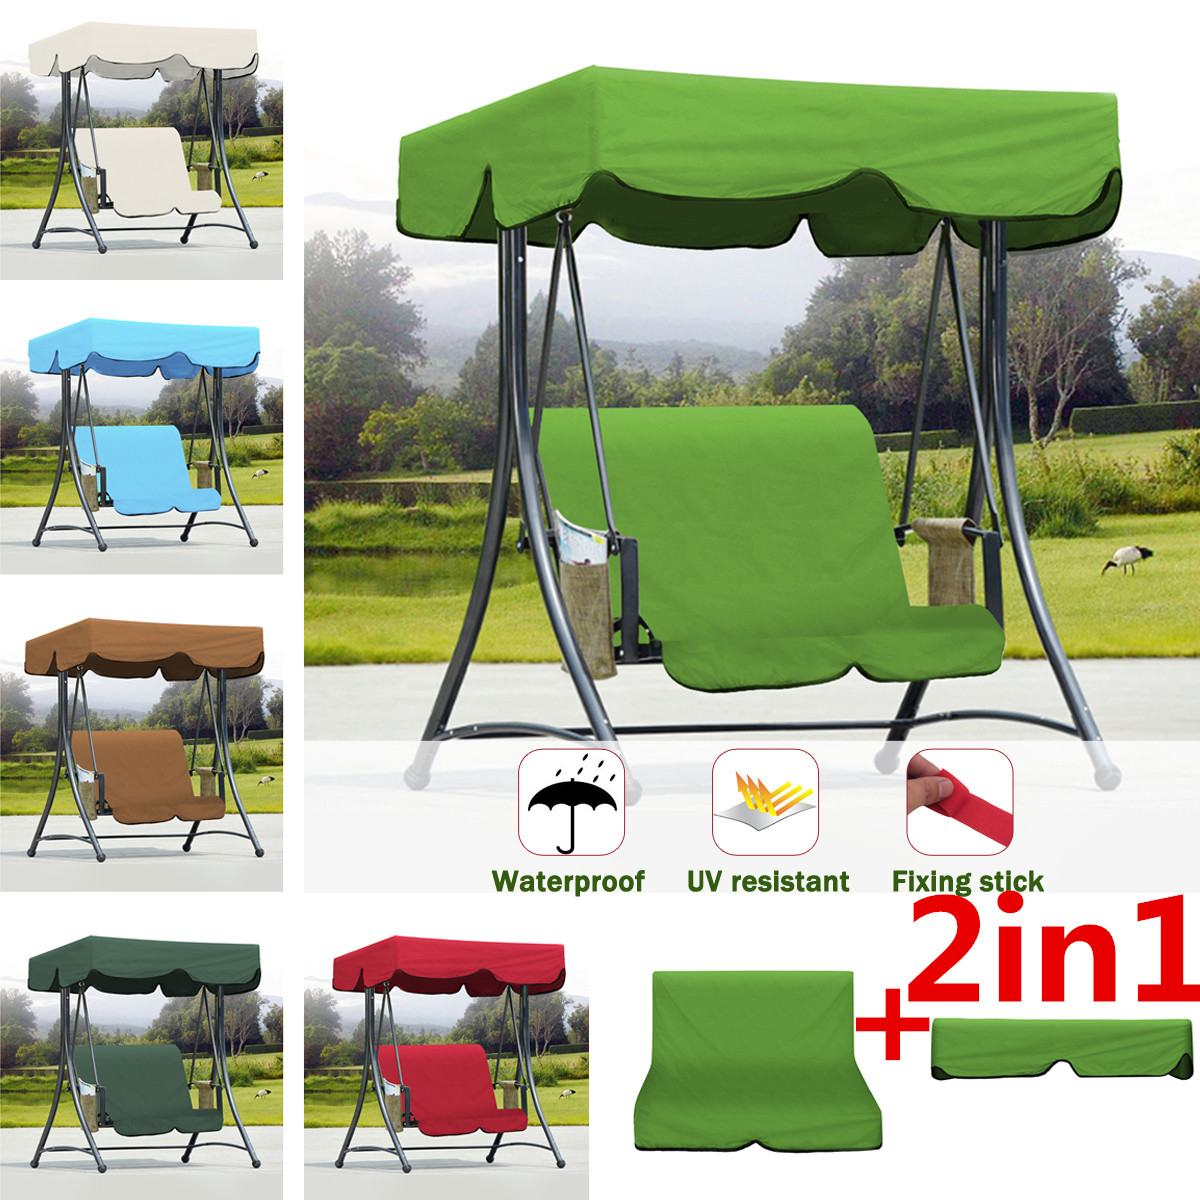 2Pcs Waterdichte Uv Slip Swing Hangmat Luifel + Stoel Kussen Zomer Outdoor Indoor Tuin Binnenplaats Tent Swing Top Cover